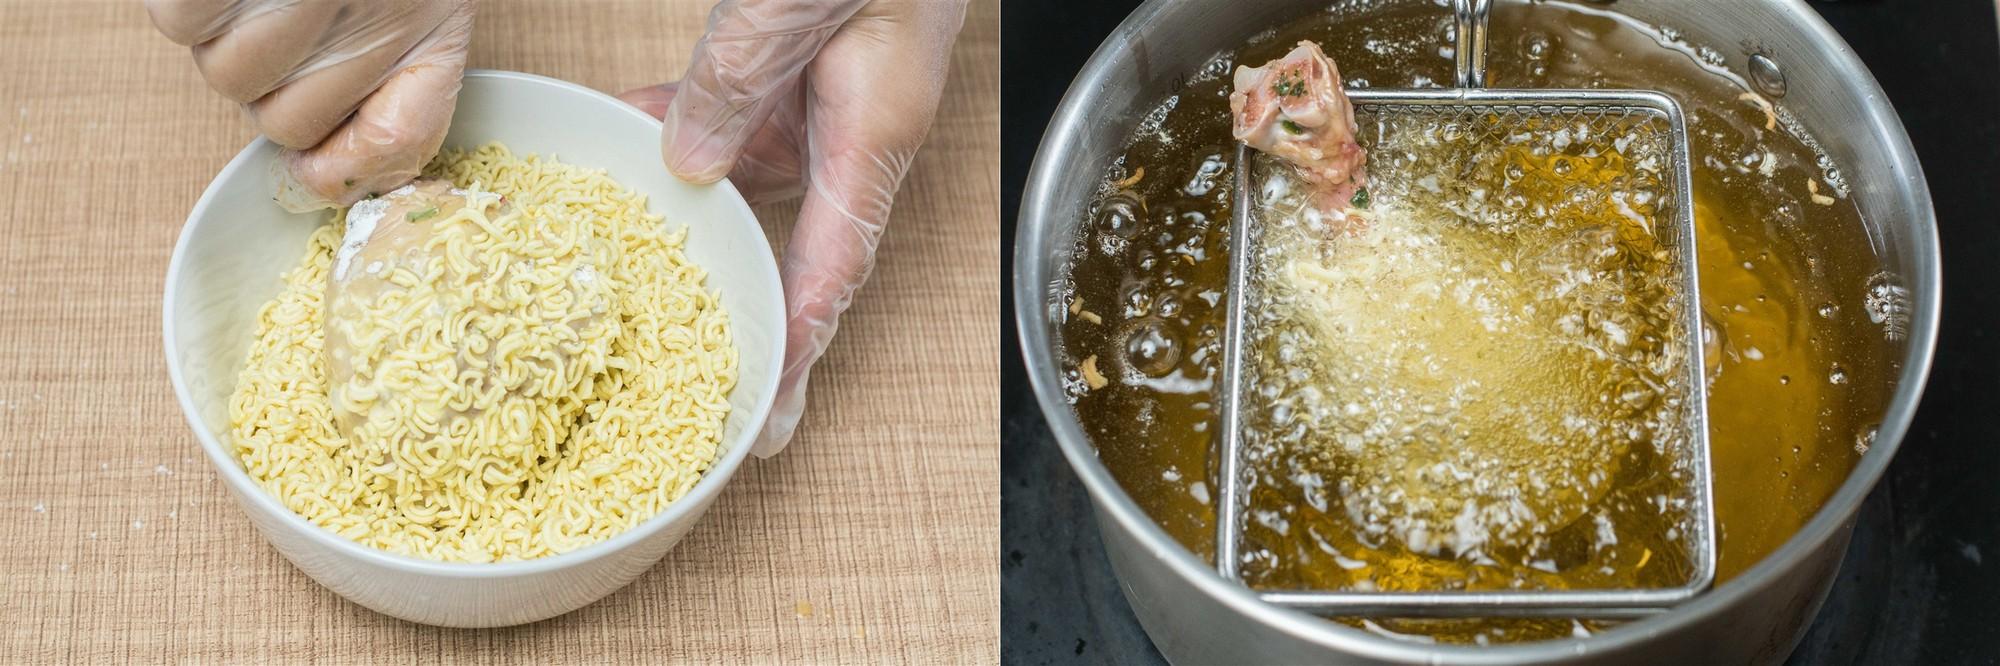 Tôi thử nghiệm cách làm đùi gà chiên mới toanh này, không ngờ các con thích mê mẩn, ăn hết veo!-5